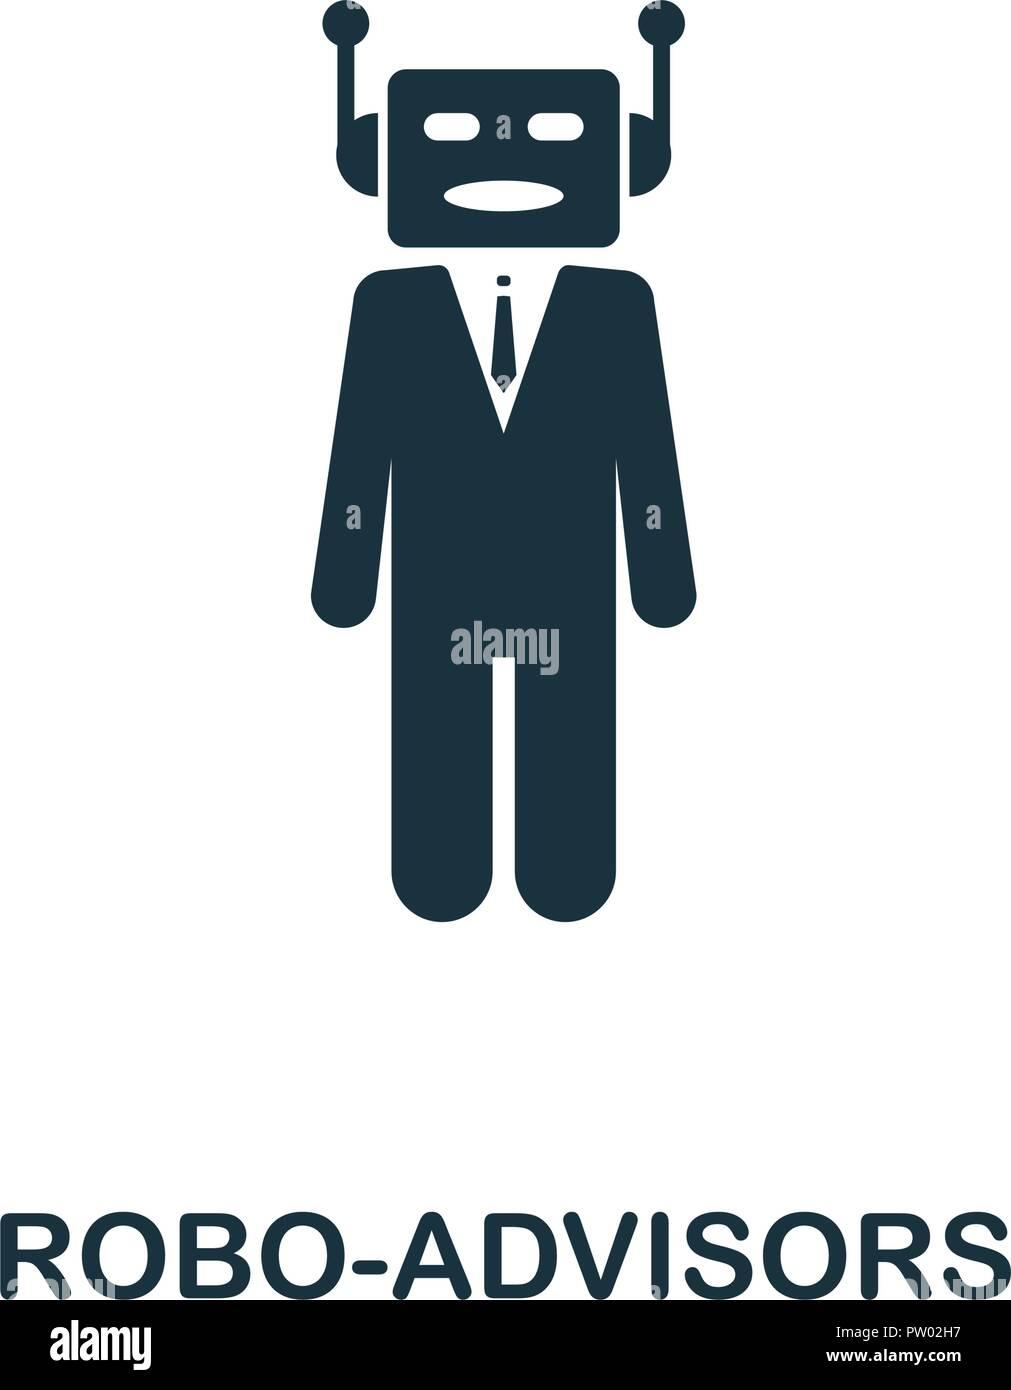 Icono Robo-Advisors. Diseño de estilo monocromo de fintech colección. UX y UI. Pixel Perfect robo-icono de asesores. Para el diseño de sitios web, aplicaciones, software, prin Ilustración del Vector